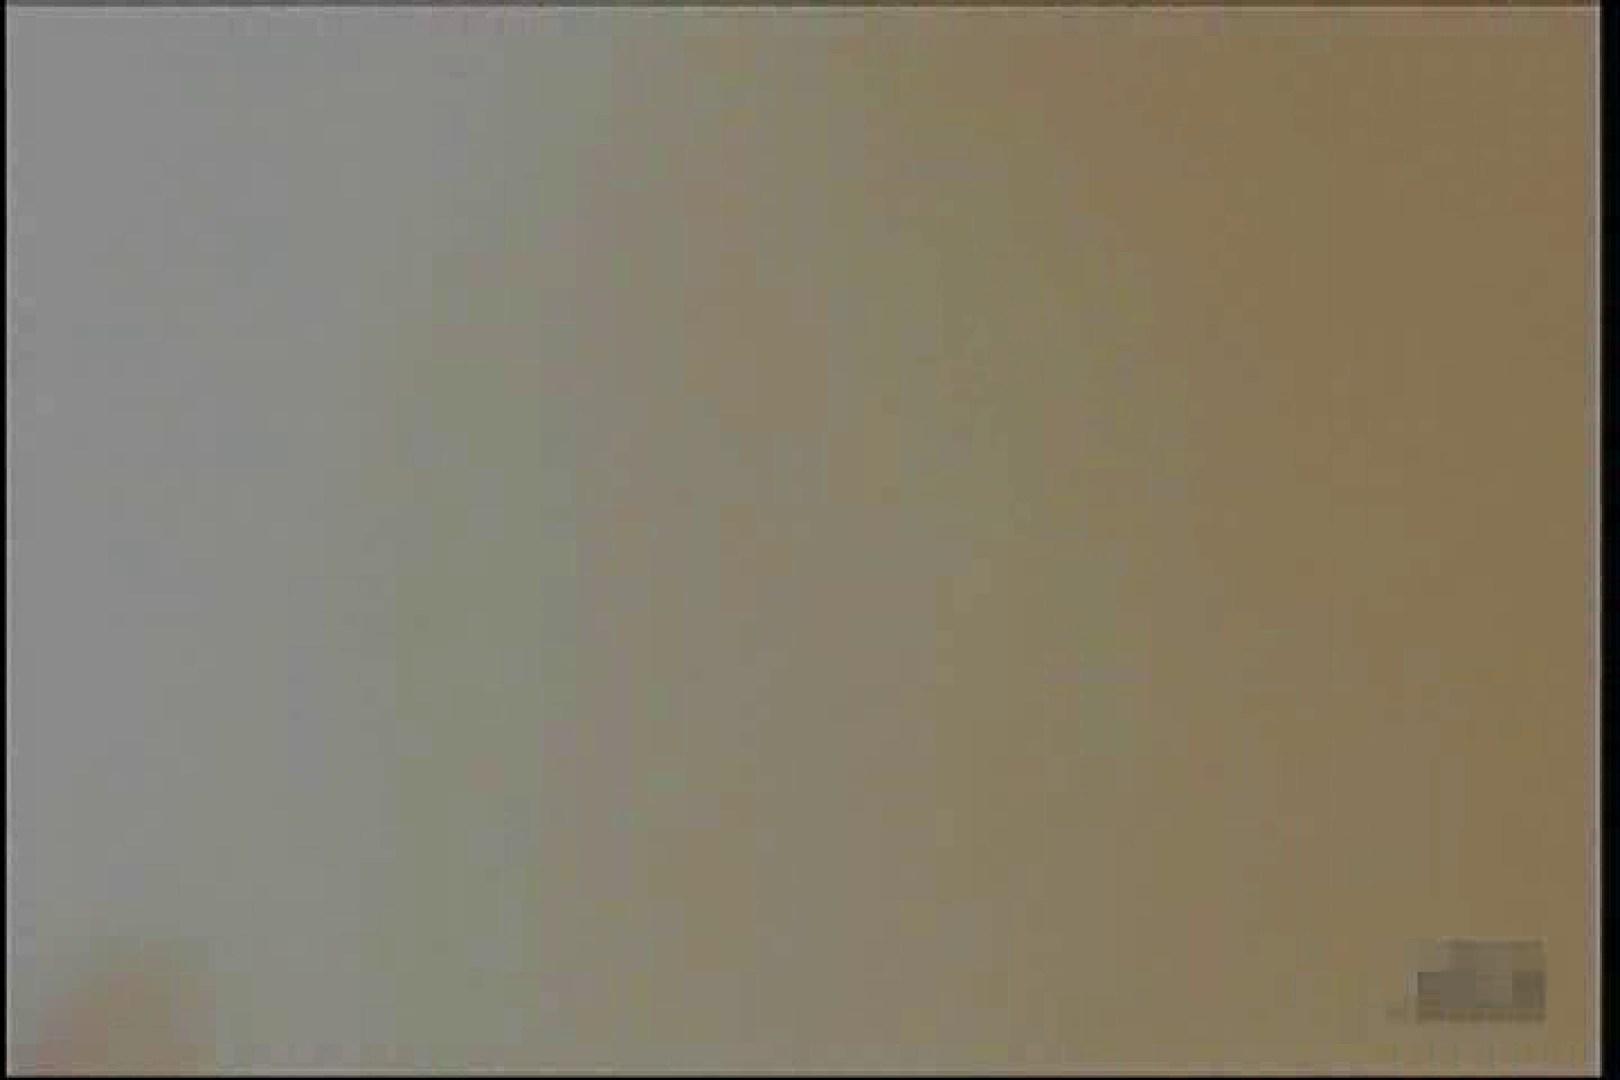 必撮!! チクビっくりVol.6 水着 セックス画像 95連発 48